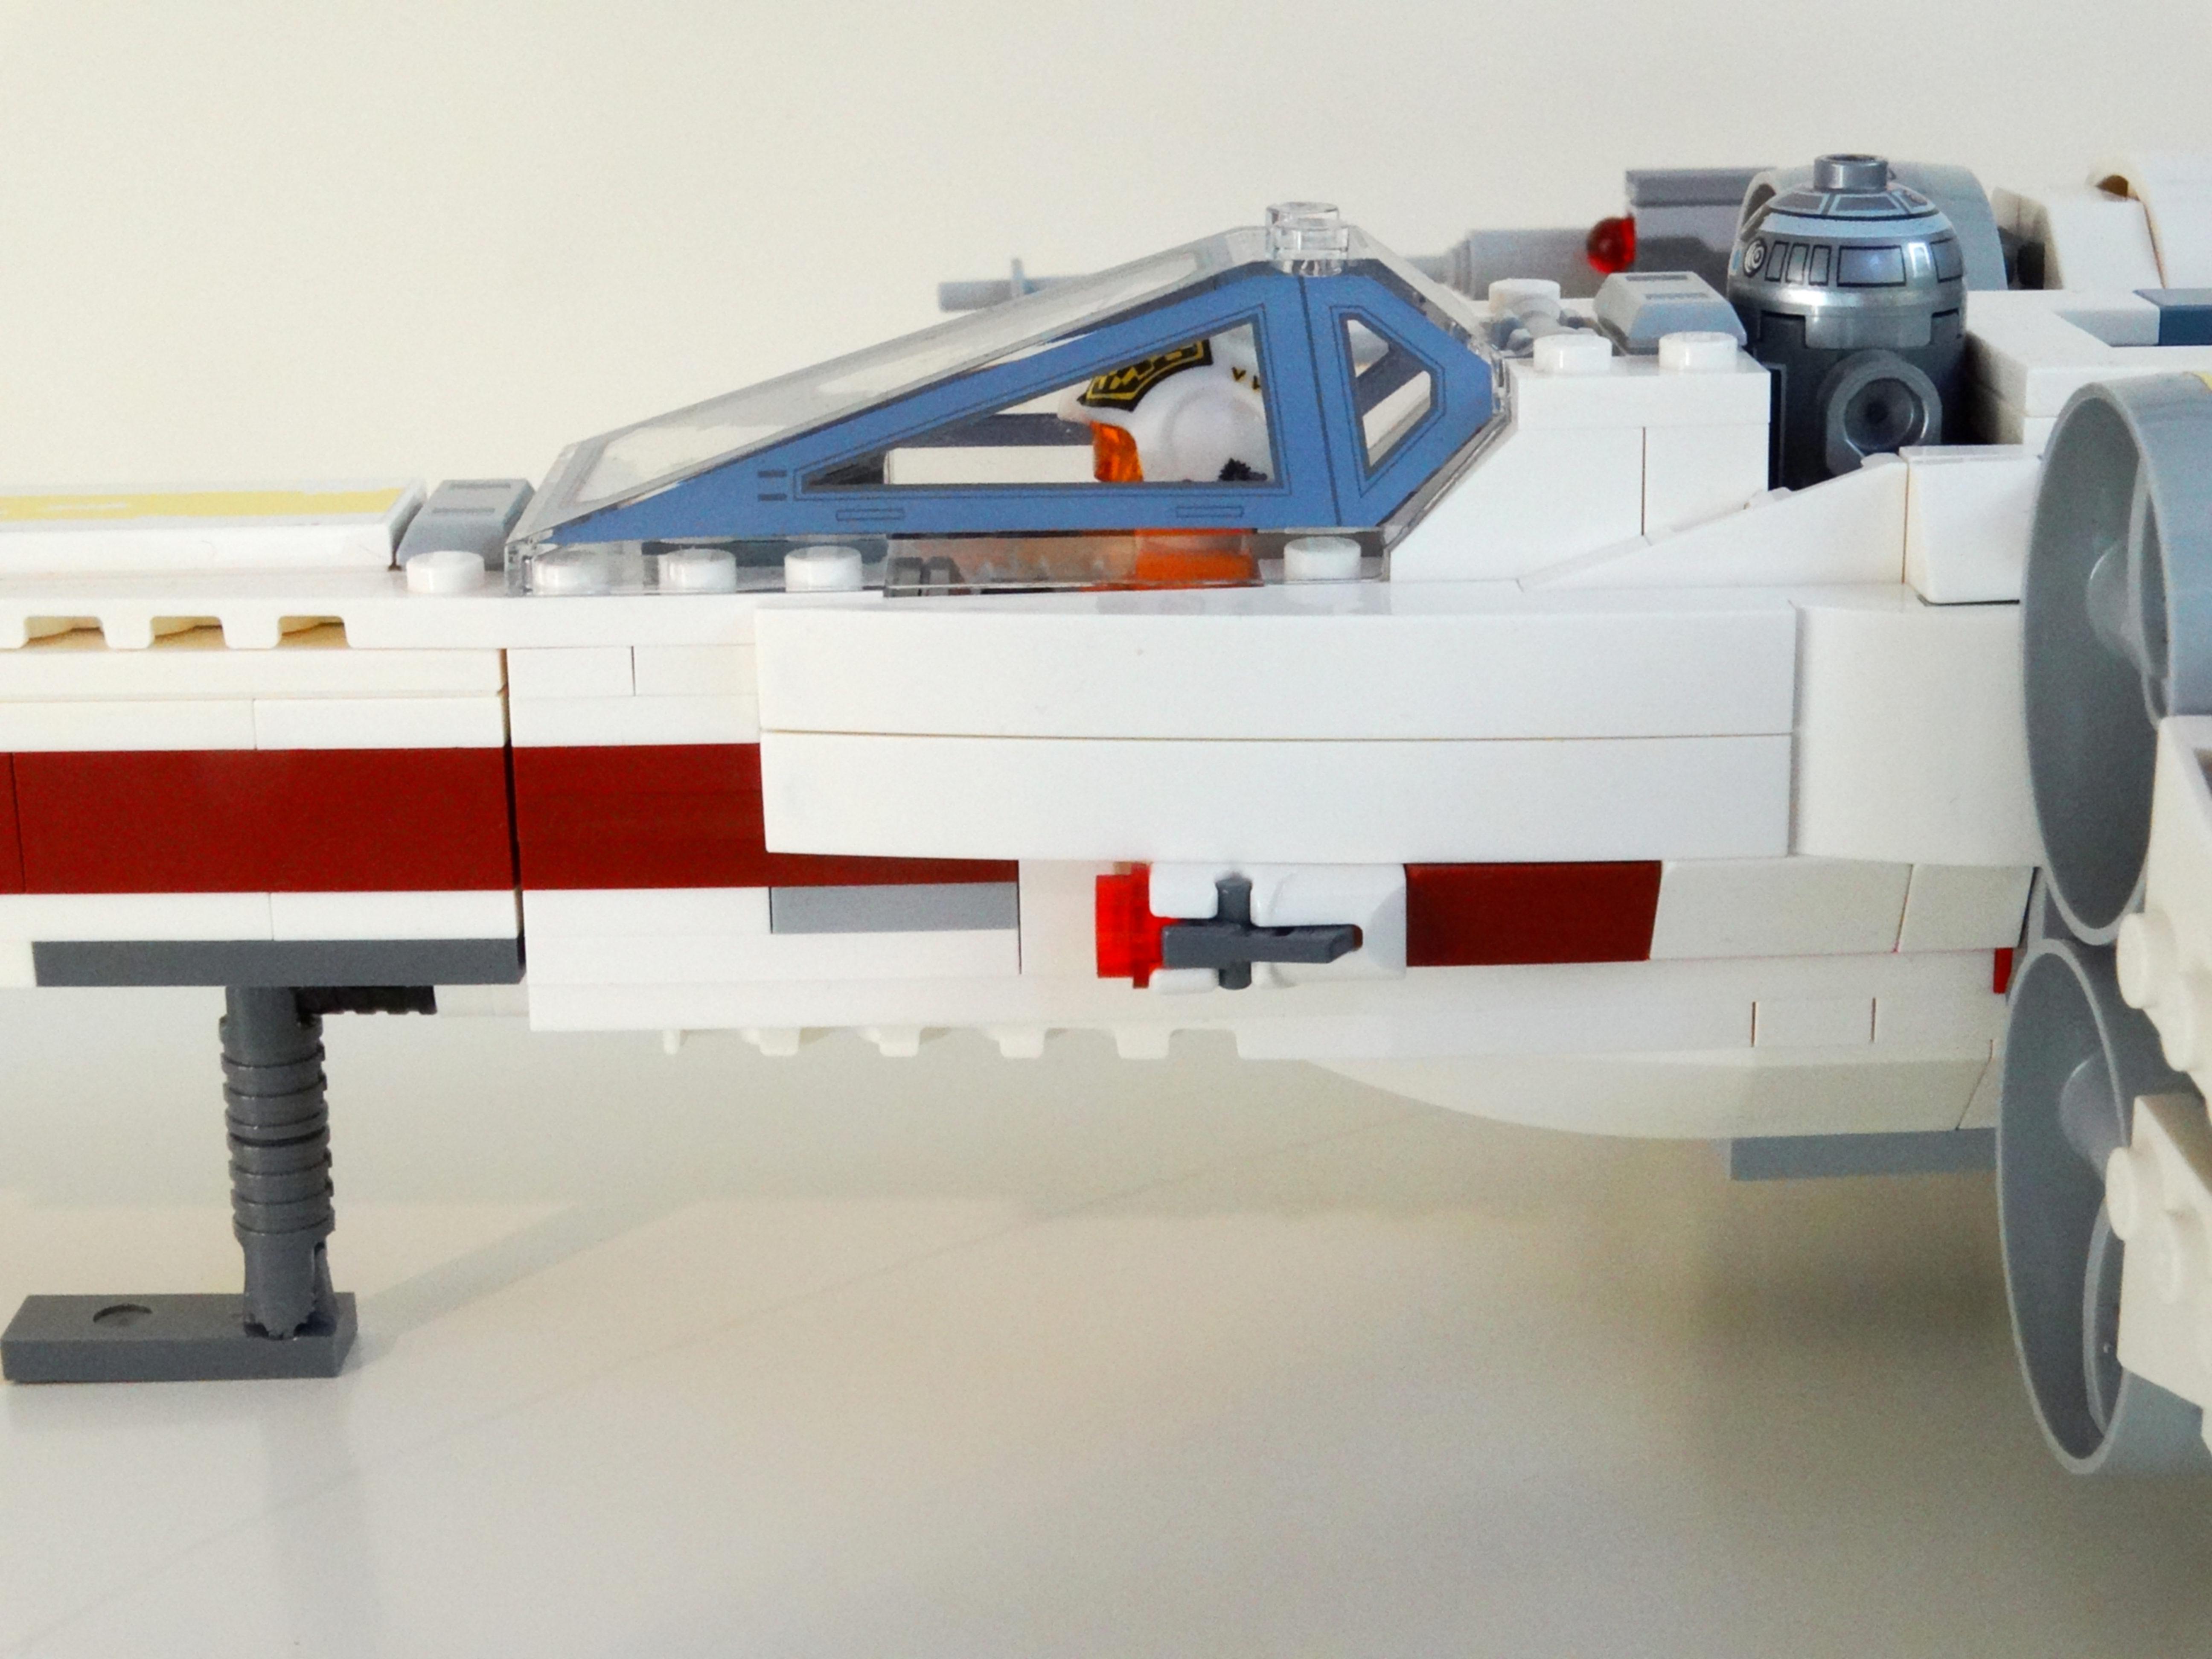 Seitenansicht des LEGO X-Wing 75218 mit Biggs Darklighter im Cockpit bei geschlossener Haube.